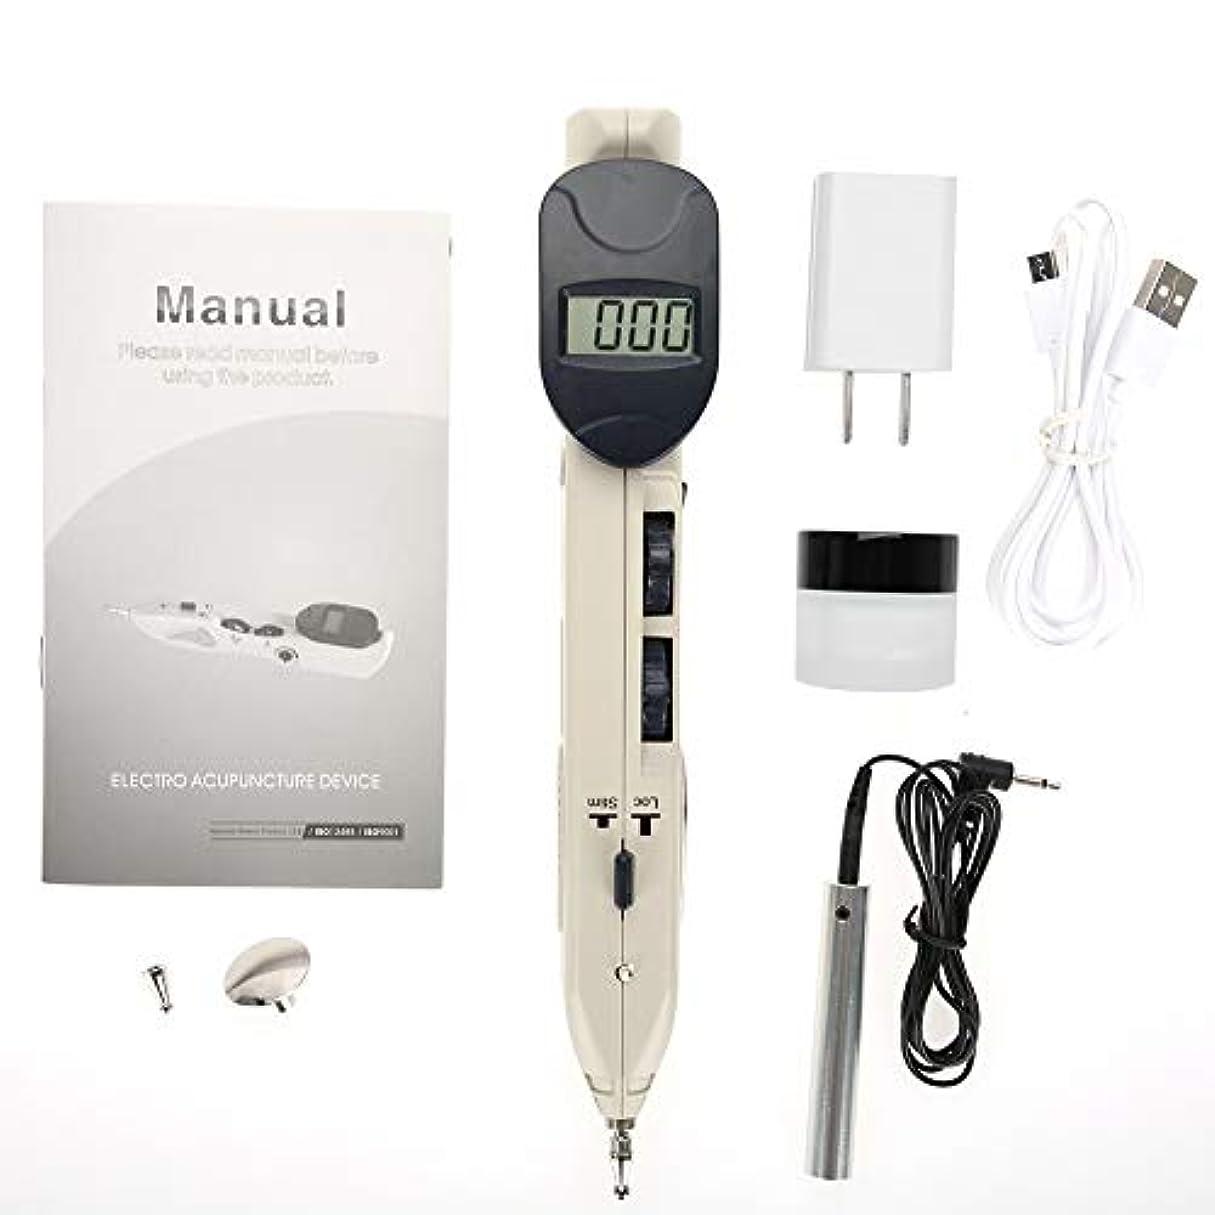 生産的三番溶けたツボ押し グッズ 電子鍼ペン 背中 腰 電子鍼治療装置 ヘルスケアペン